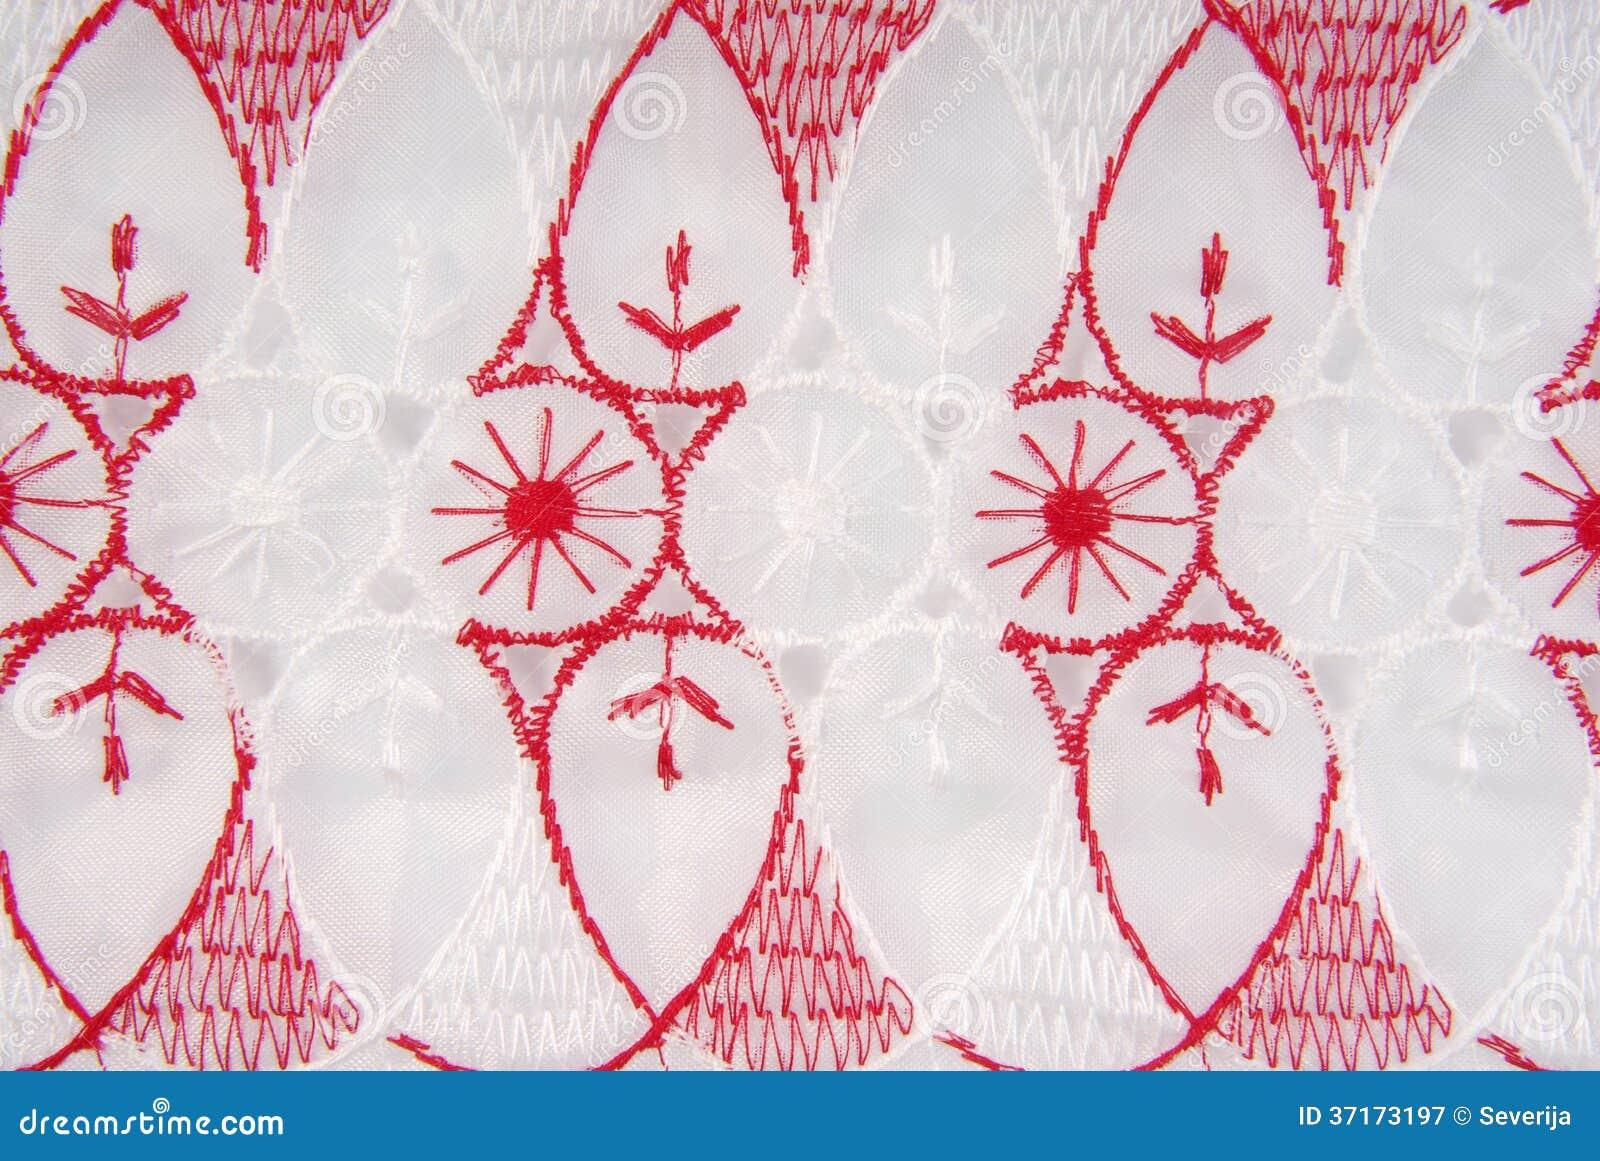 Textura Del Bordado De La Tela Imagen de archivo - Imagen de primer ...